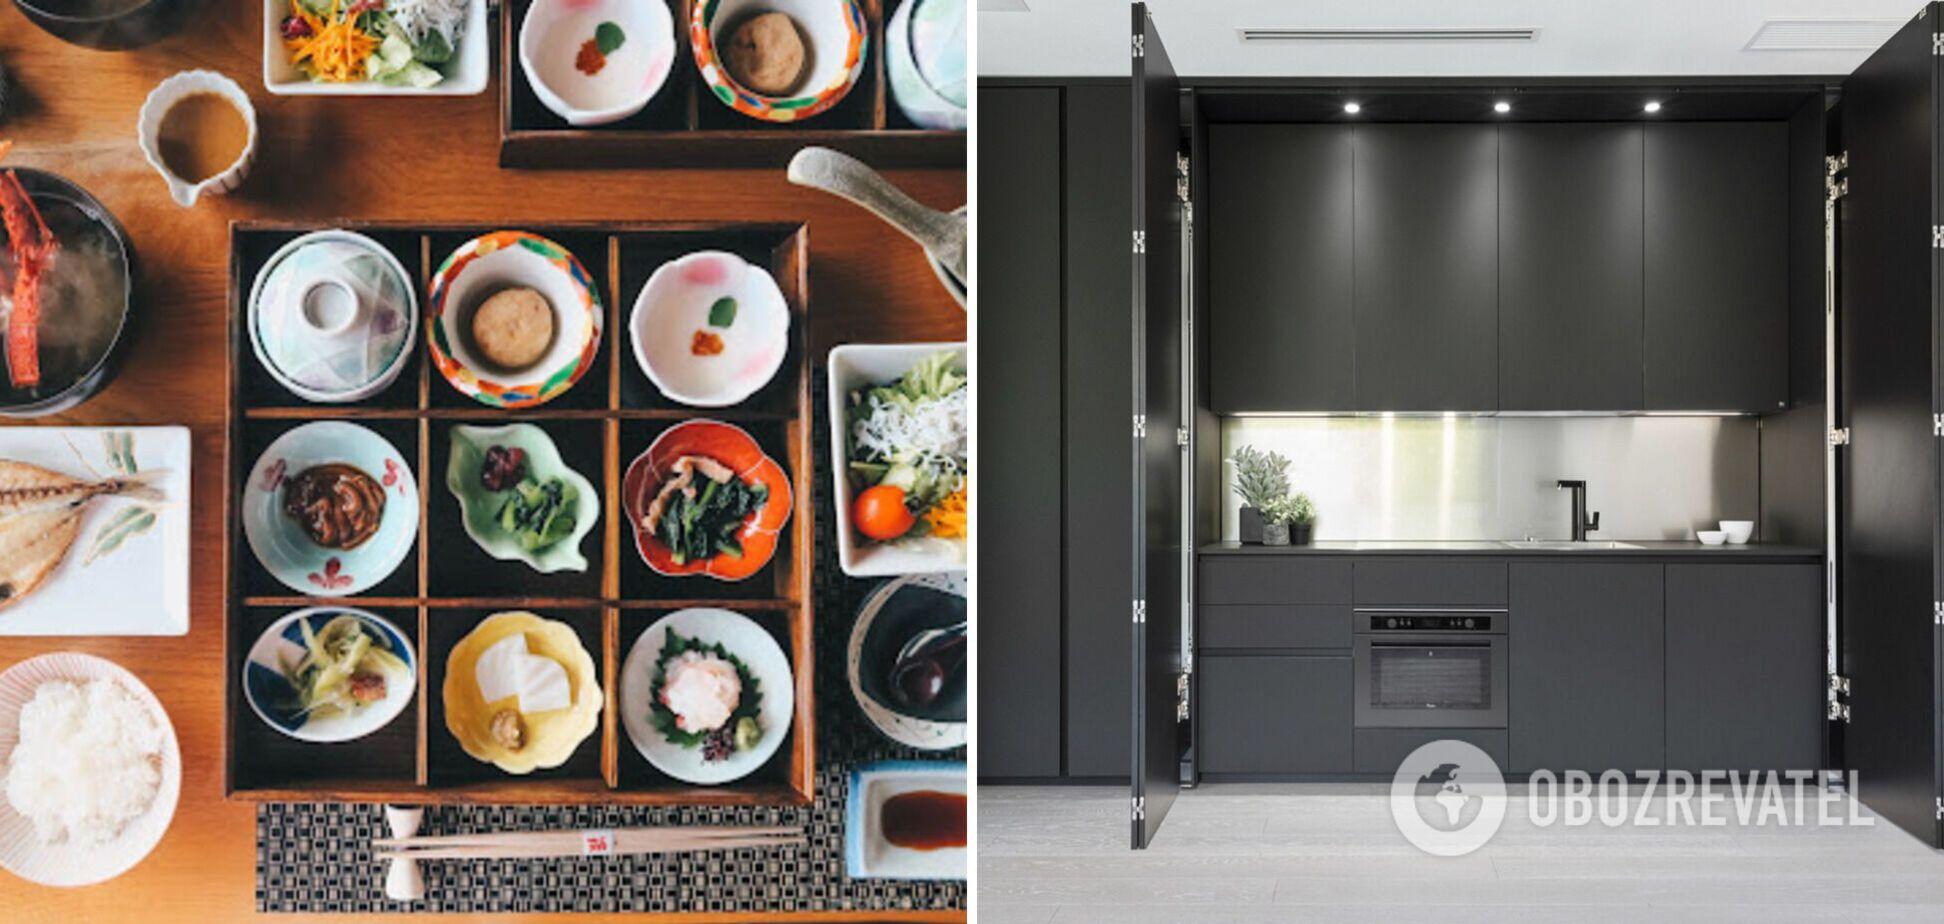 Кухонні лайфхаки, без яких не обходяться японці: ТОП-3